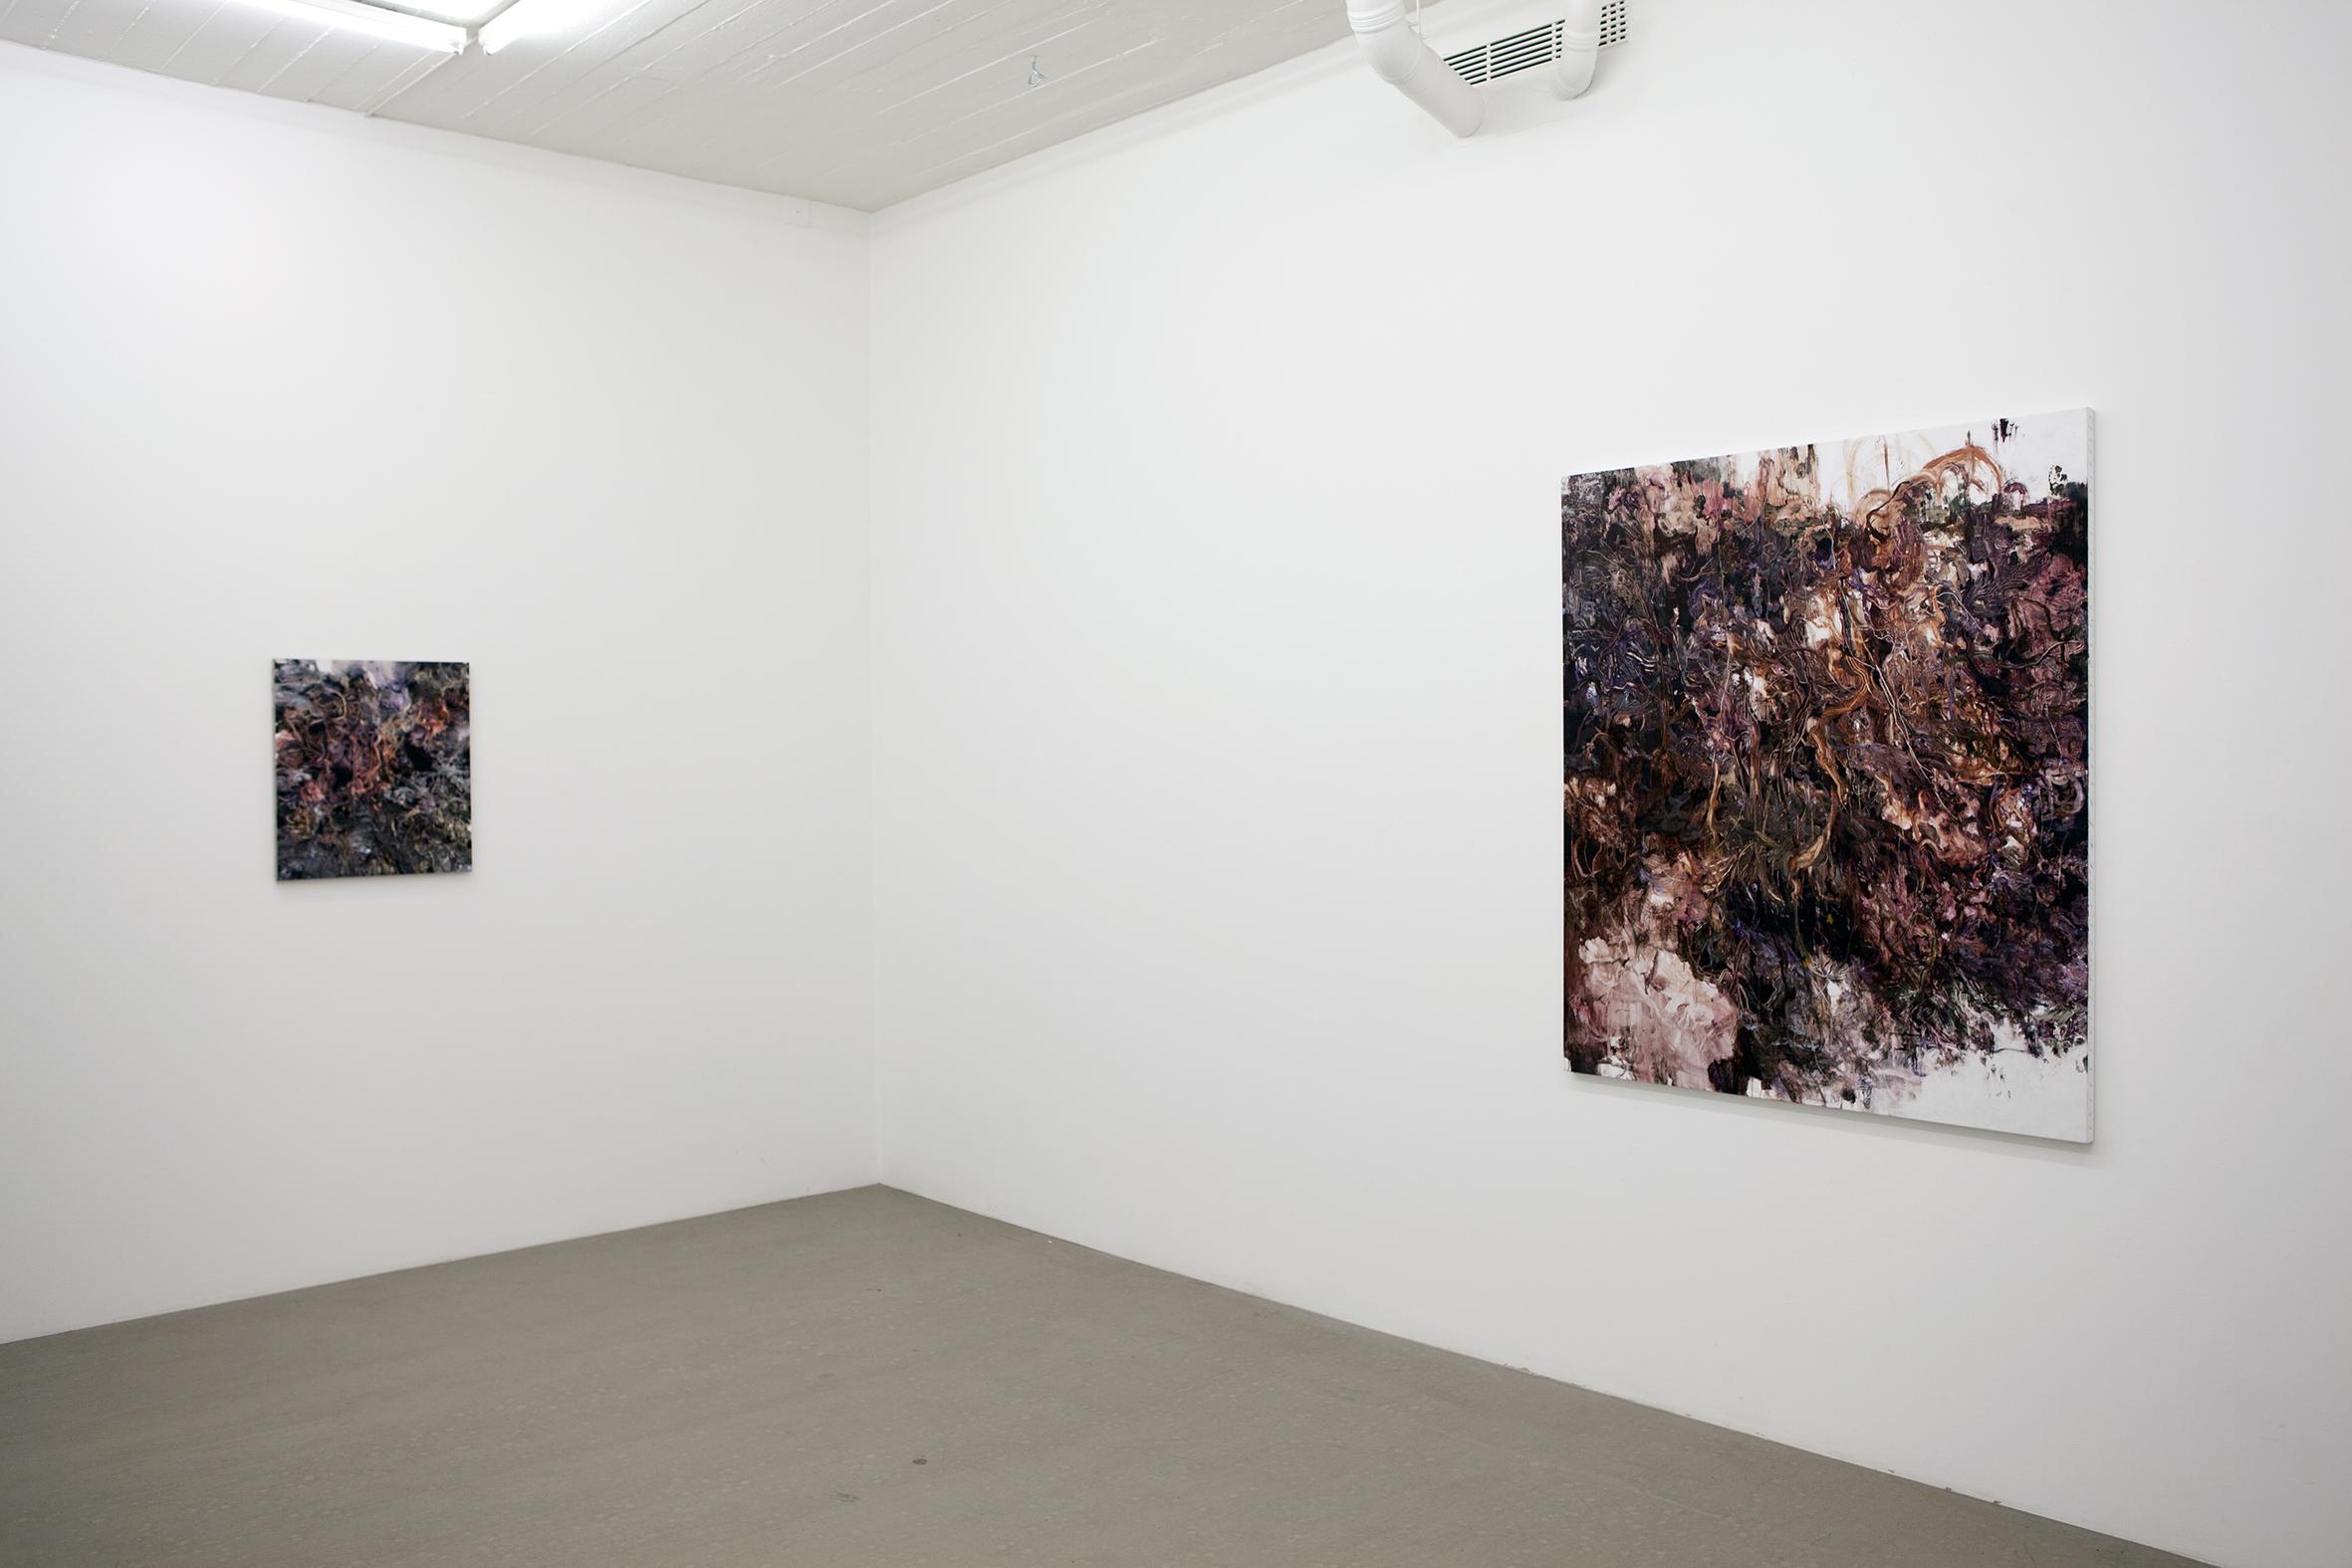 Christina Ekstrand, Installation view, S.P.G, 2016